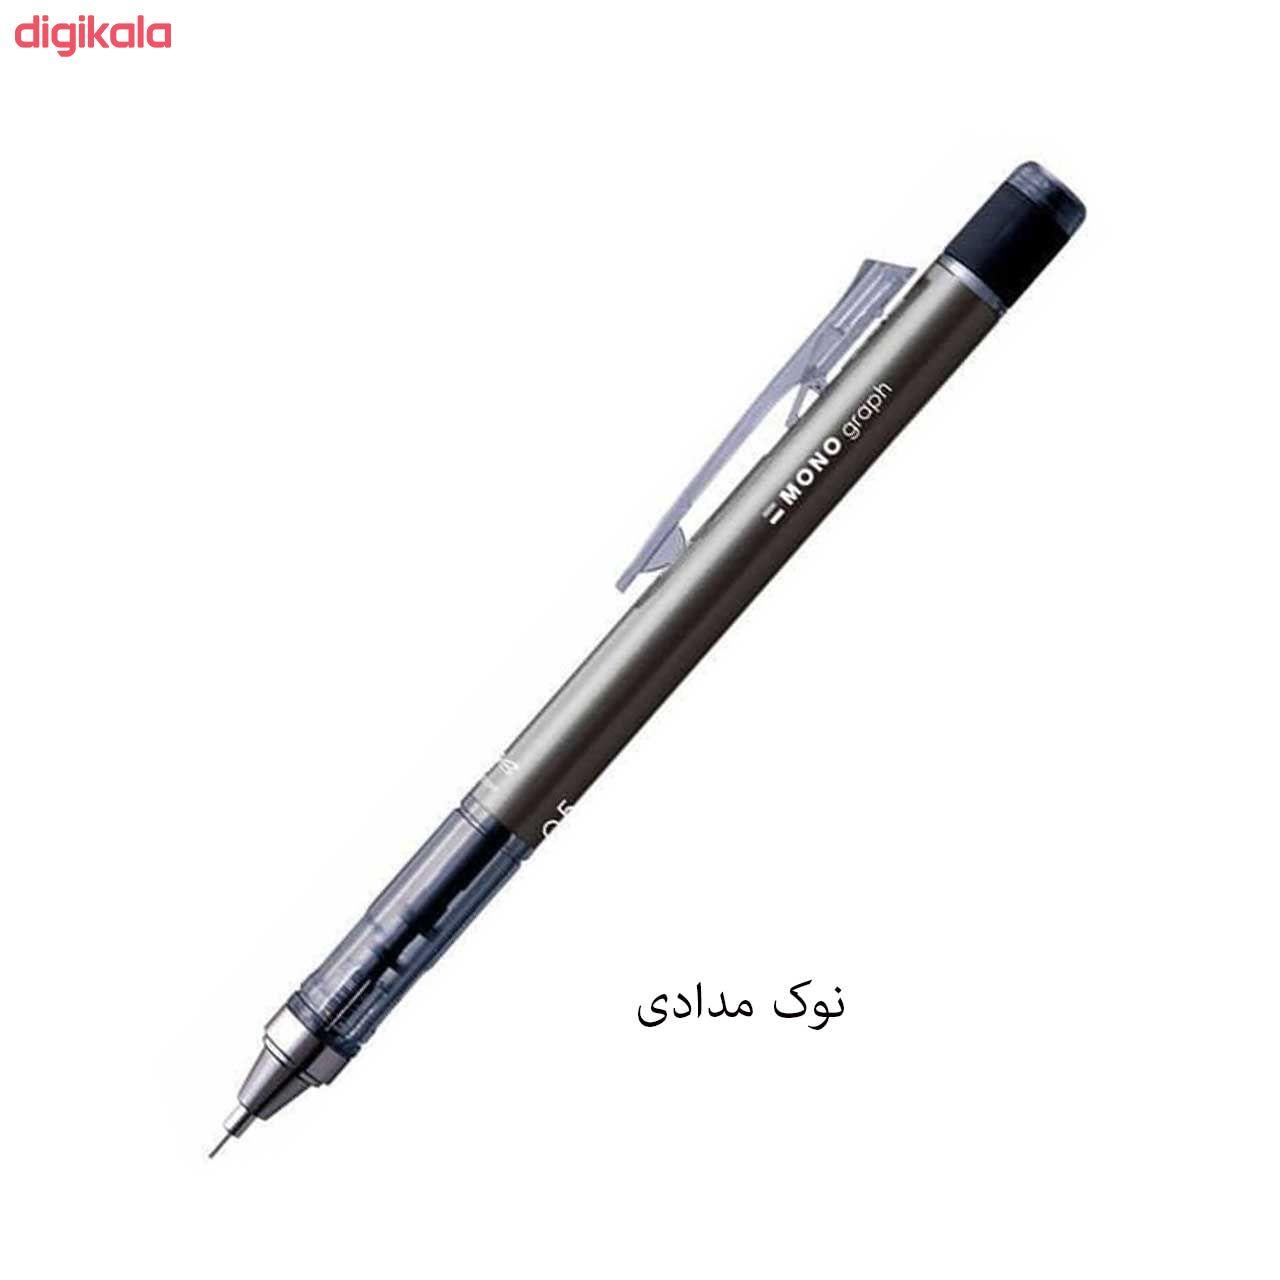 مداد نوکی 0.5 میلی متری تومبو مدل MONO GRAPPH main 1 3